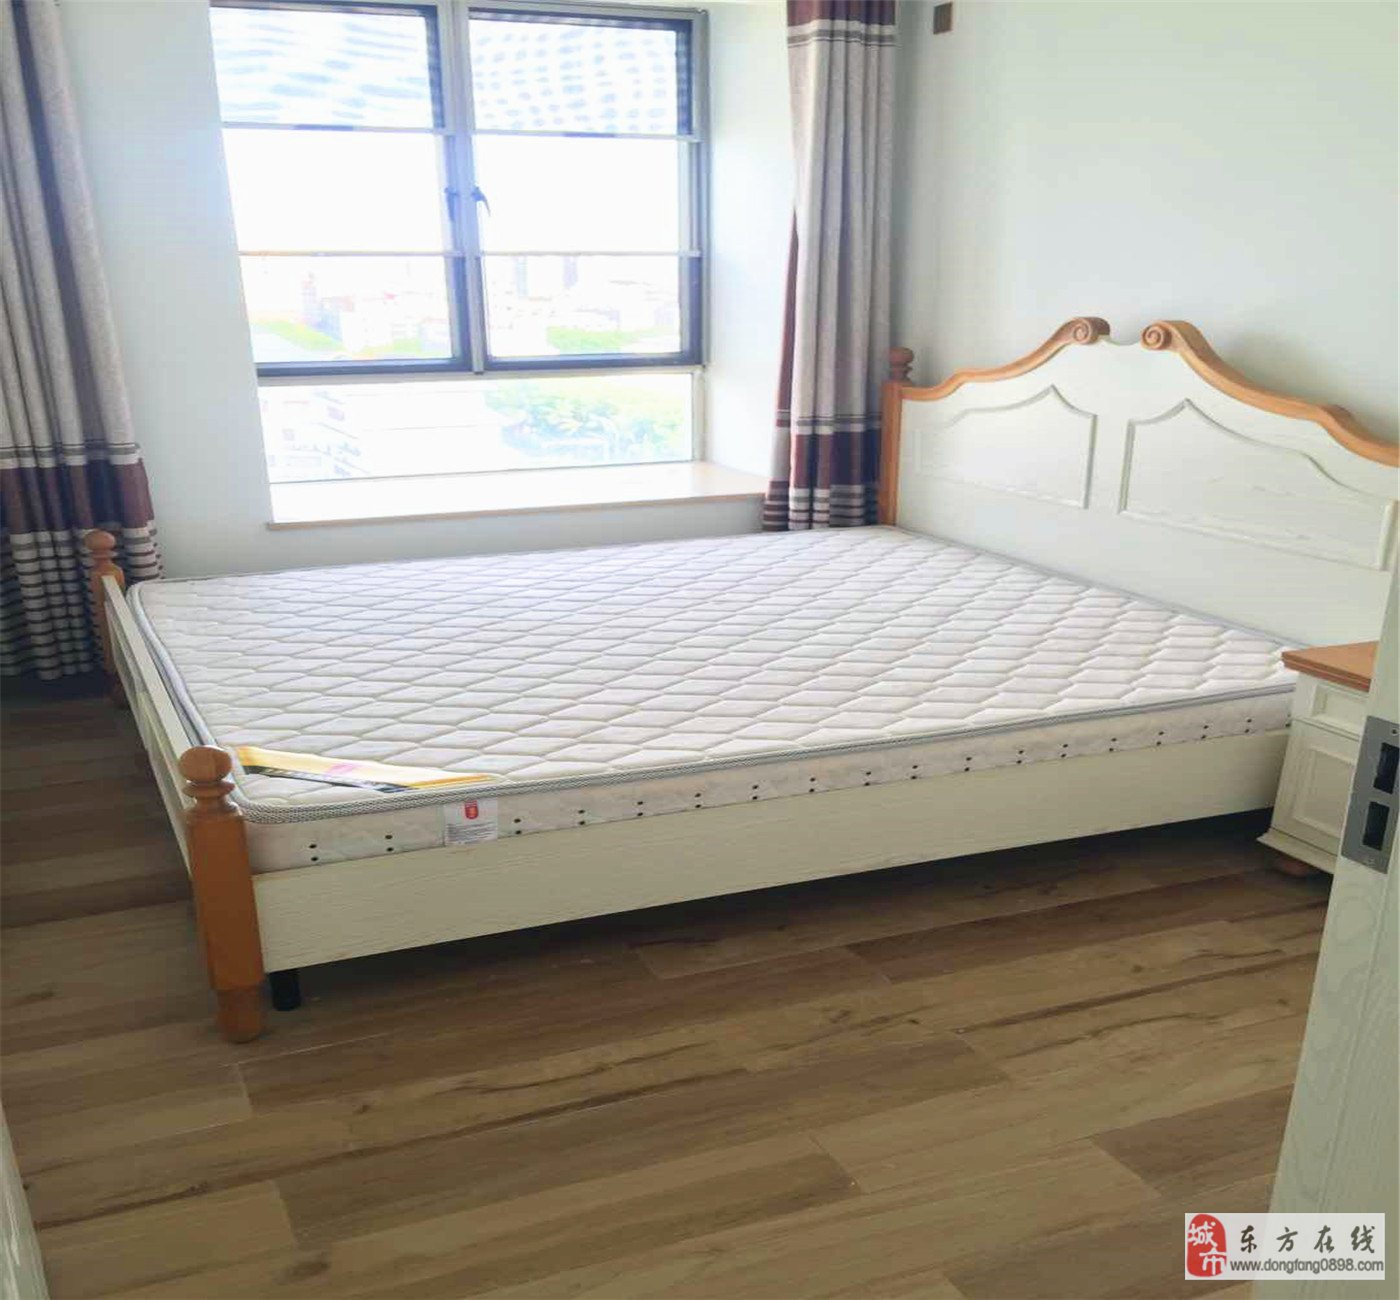 大广坝生活区3室1厅1卫90万元